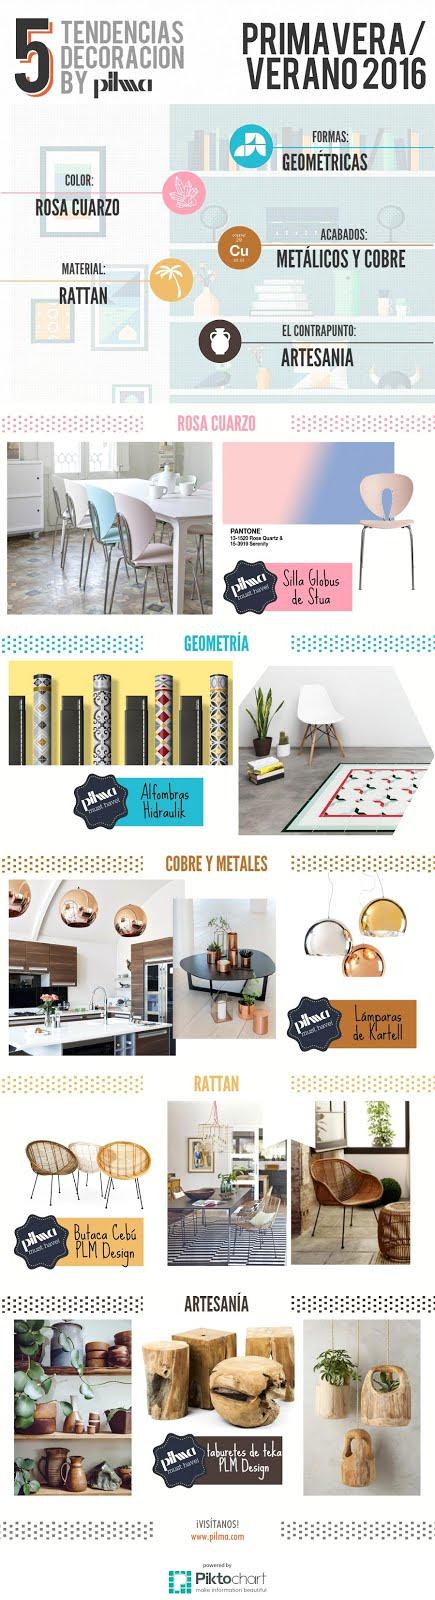 Tiendas de decoración como idea de negocio #GuíaFácil